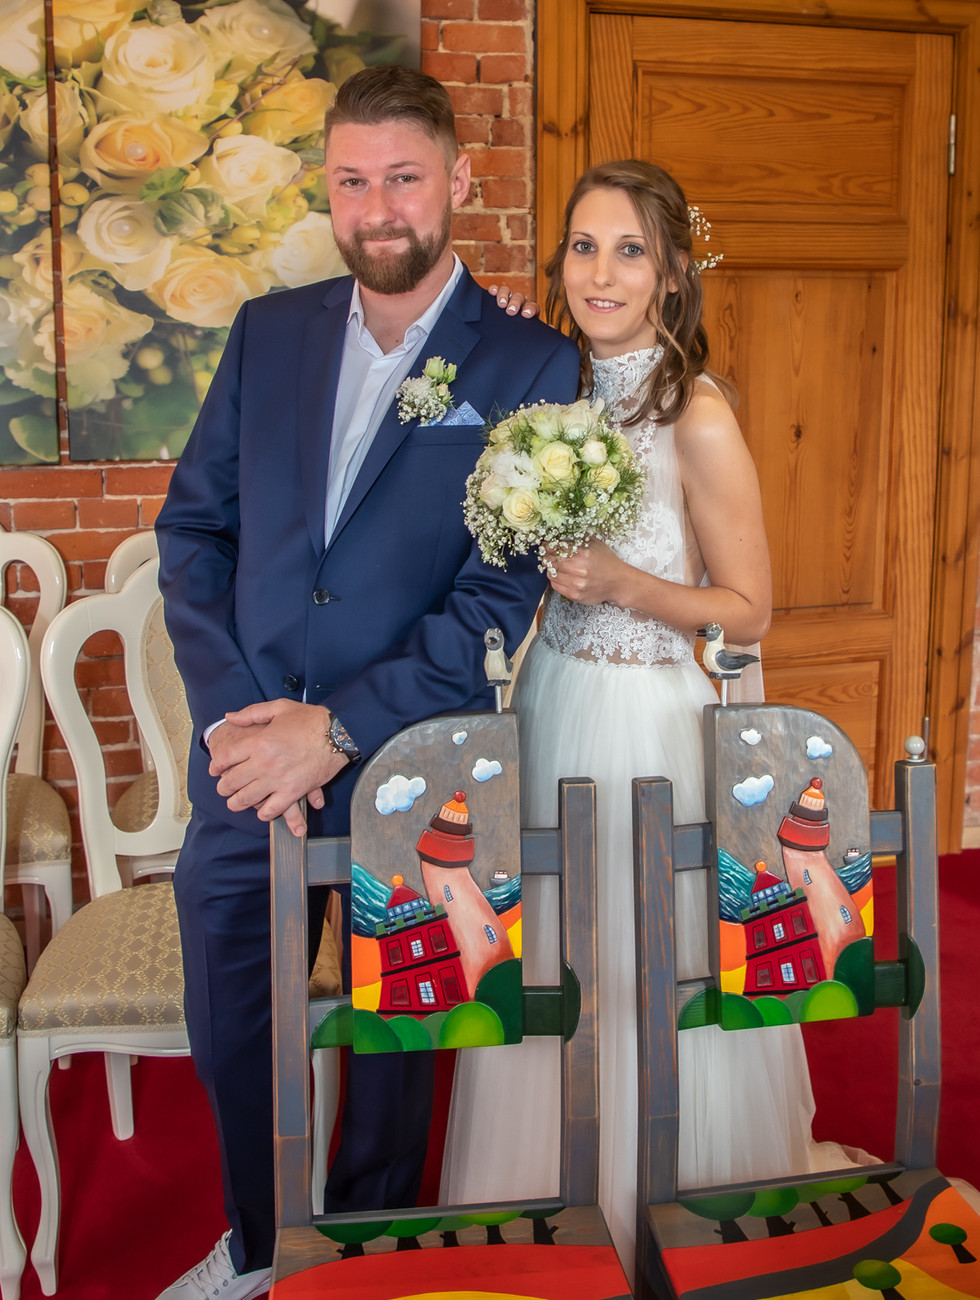 Stühle Standesamt Schinkelturm Brautpaar heiraten im Leuchtturm.jpg